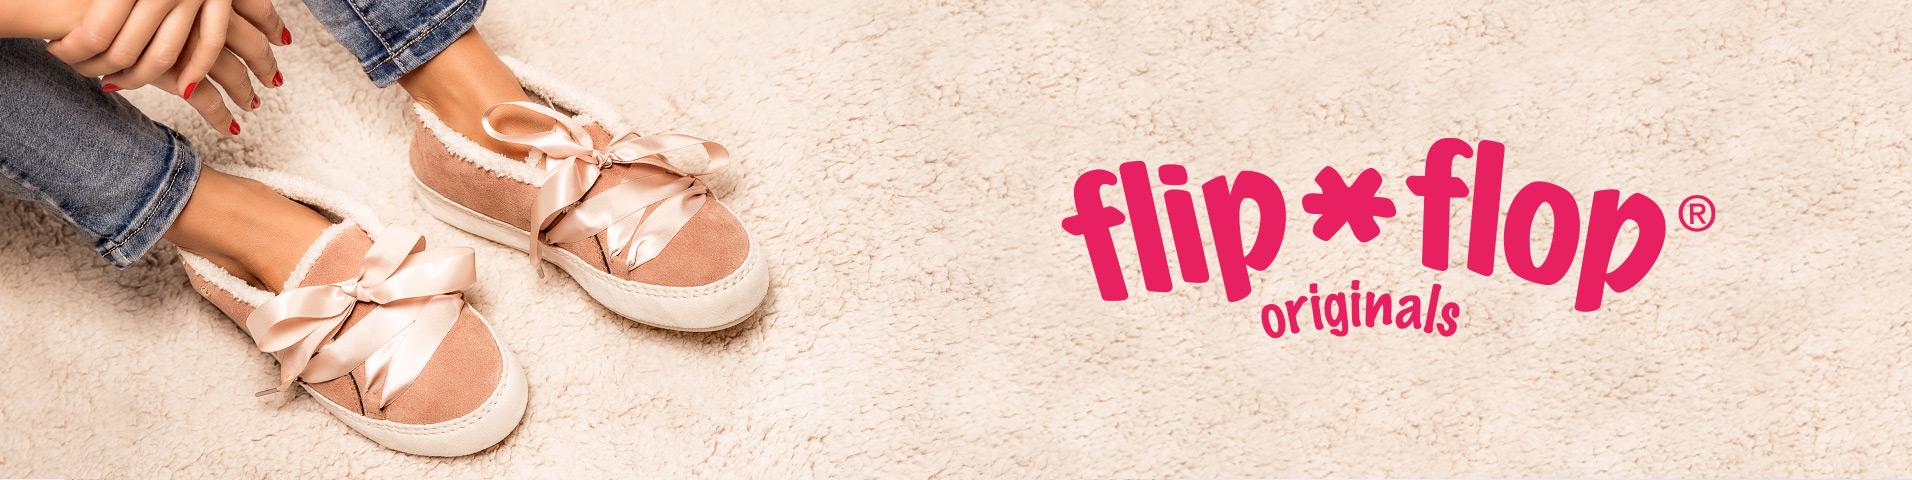 Flip*flop Pantoletten für Damen online | Der neue Schuhtrend